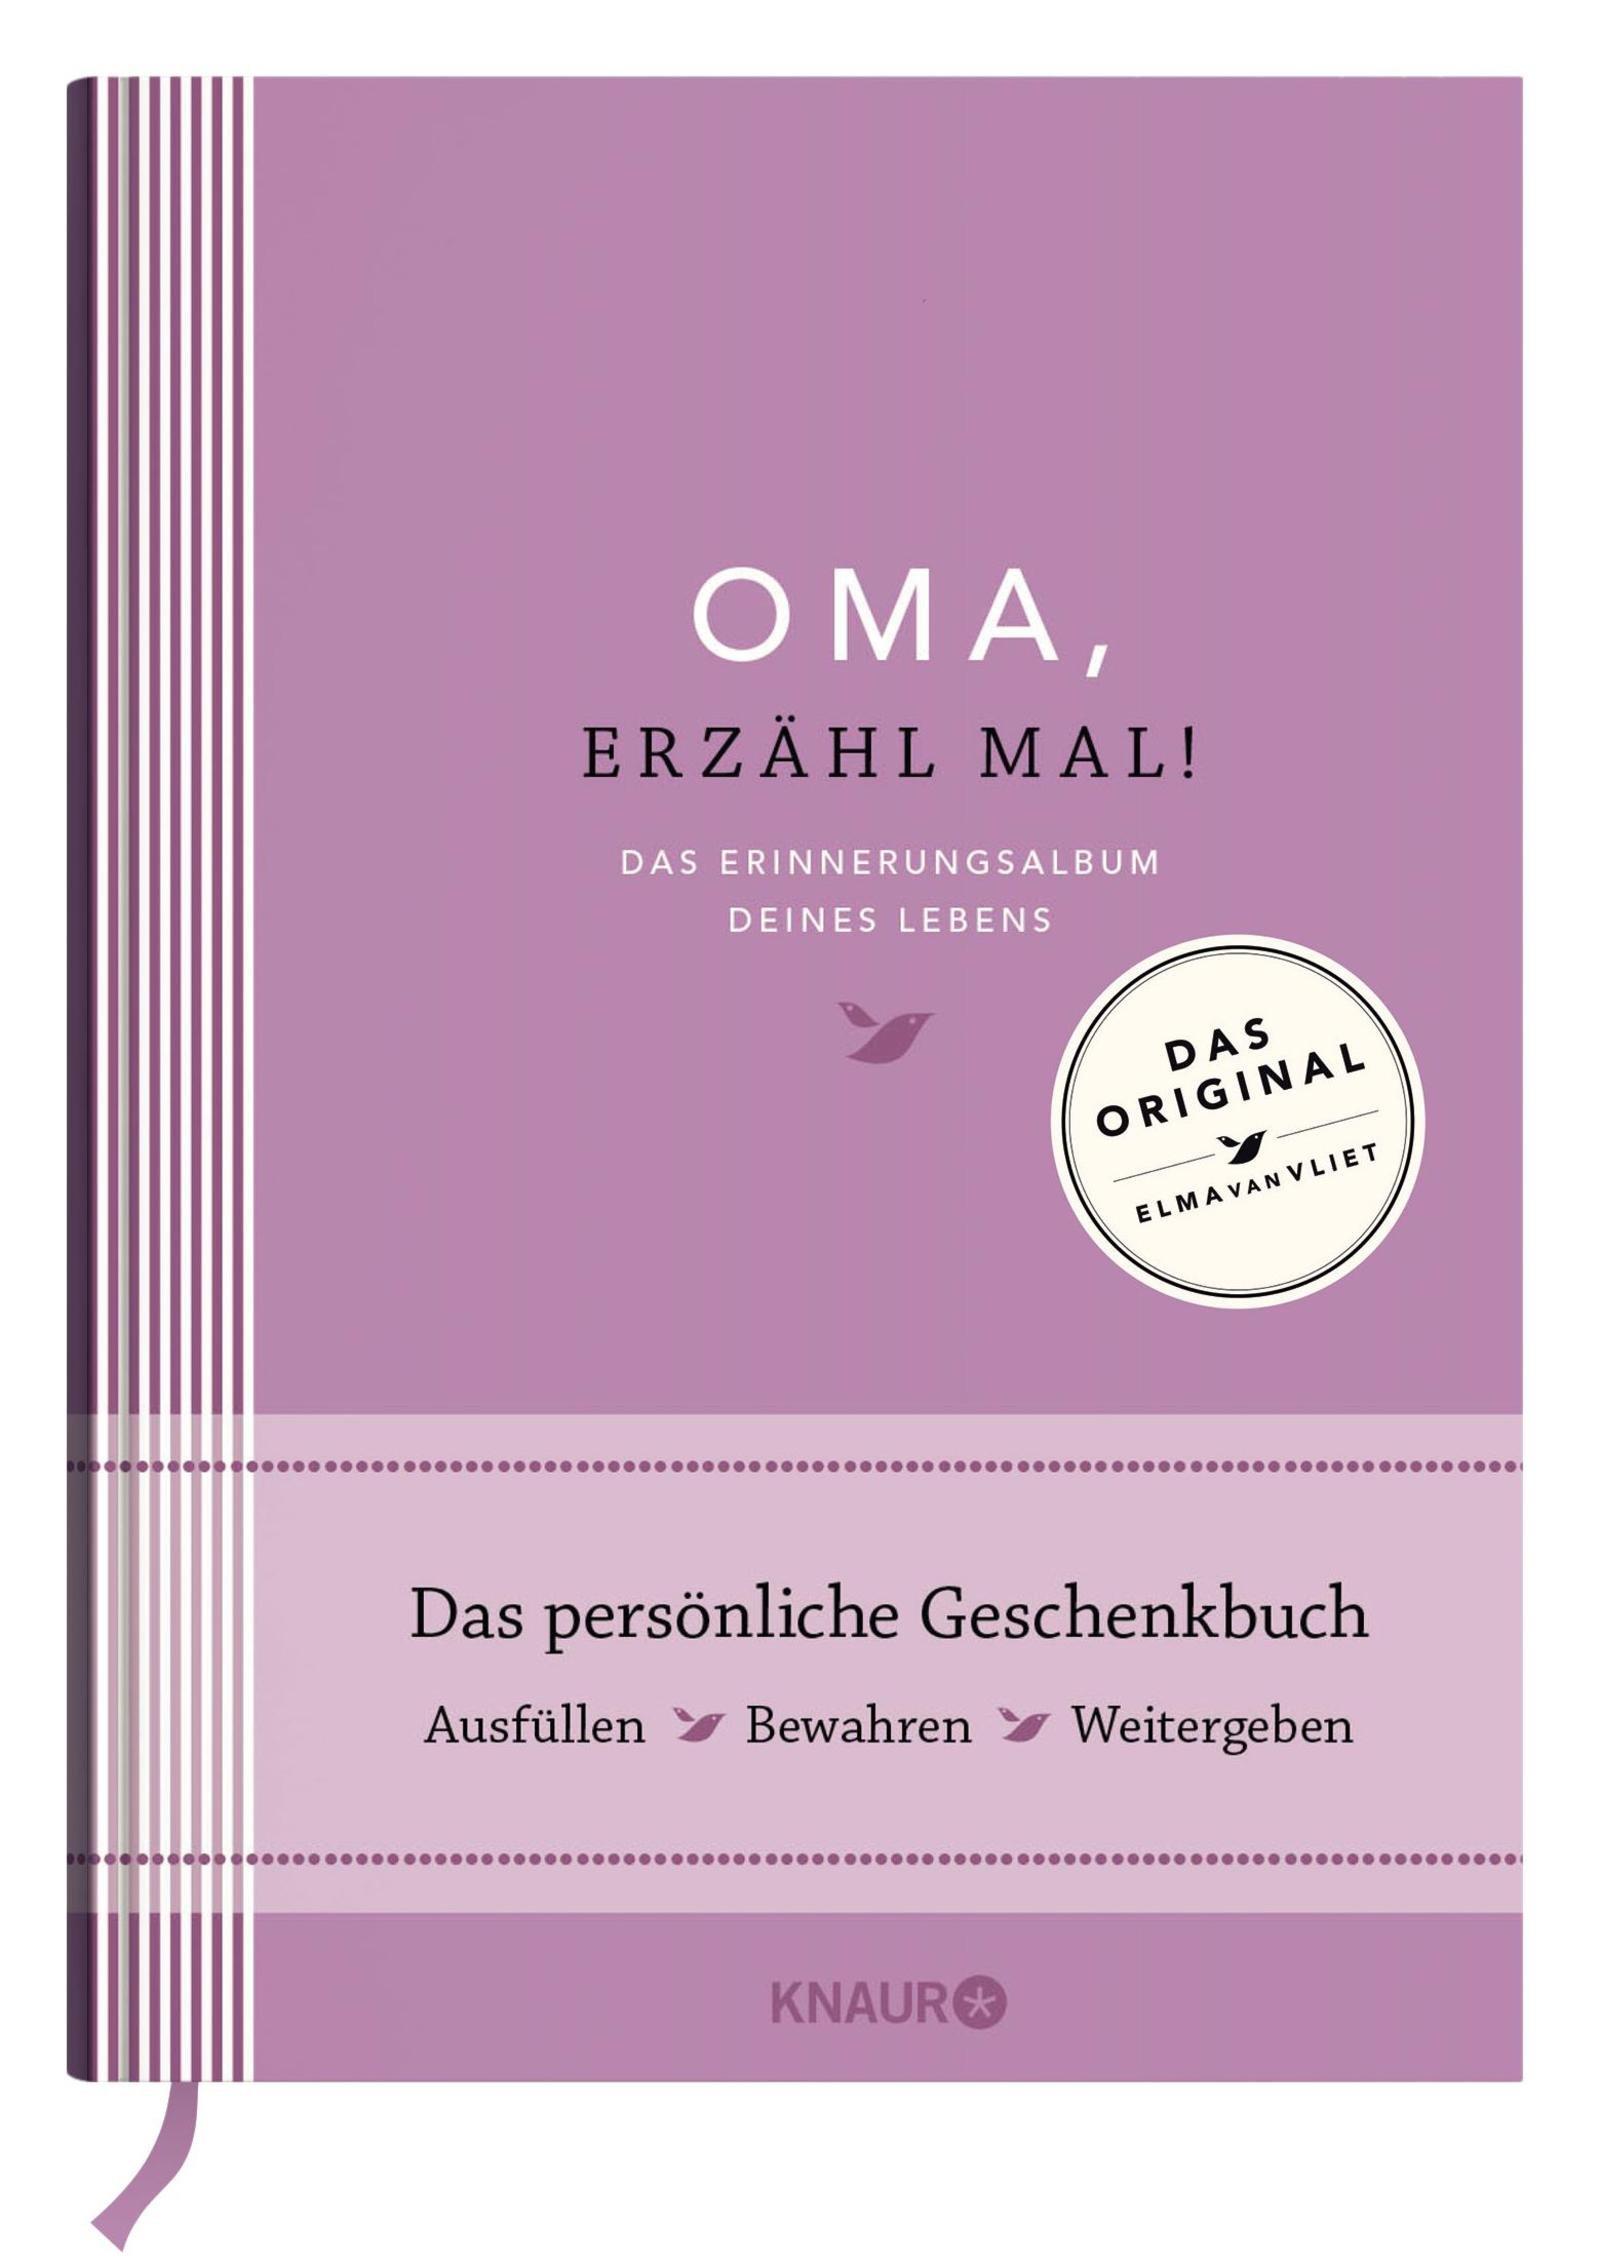 Oma, erzähl mal! Das Erinnerungsalbum deines Lebens Gebundenes Buch – 1. März 2016 Elma van Vliet Ilka Heinemann Matthias Kuhlemann Knaur HC